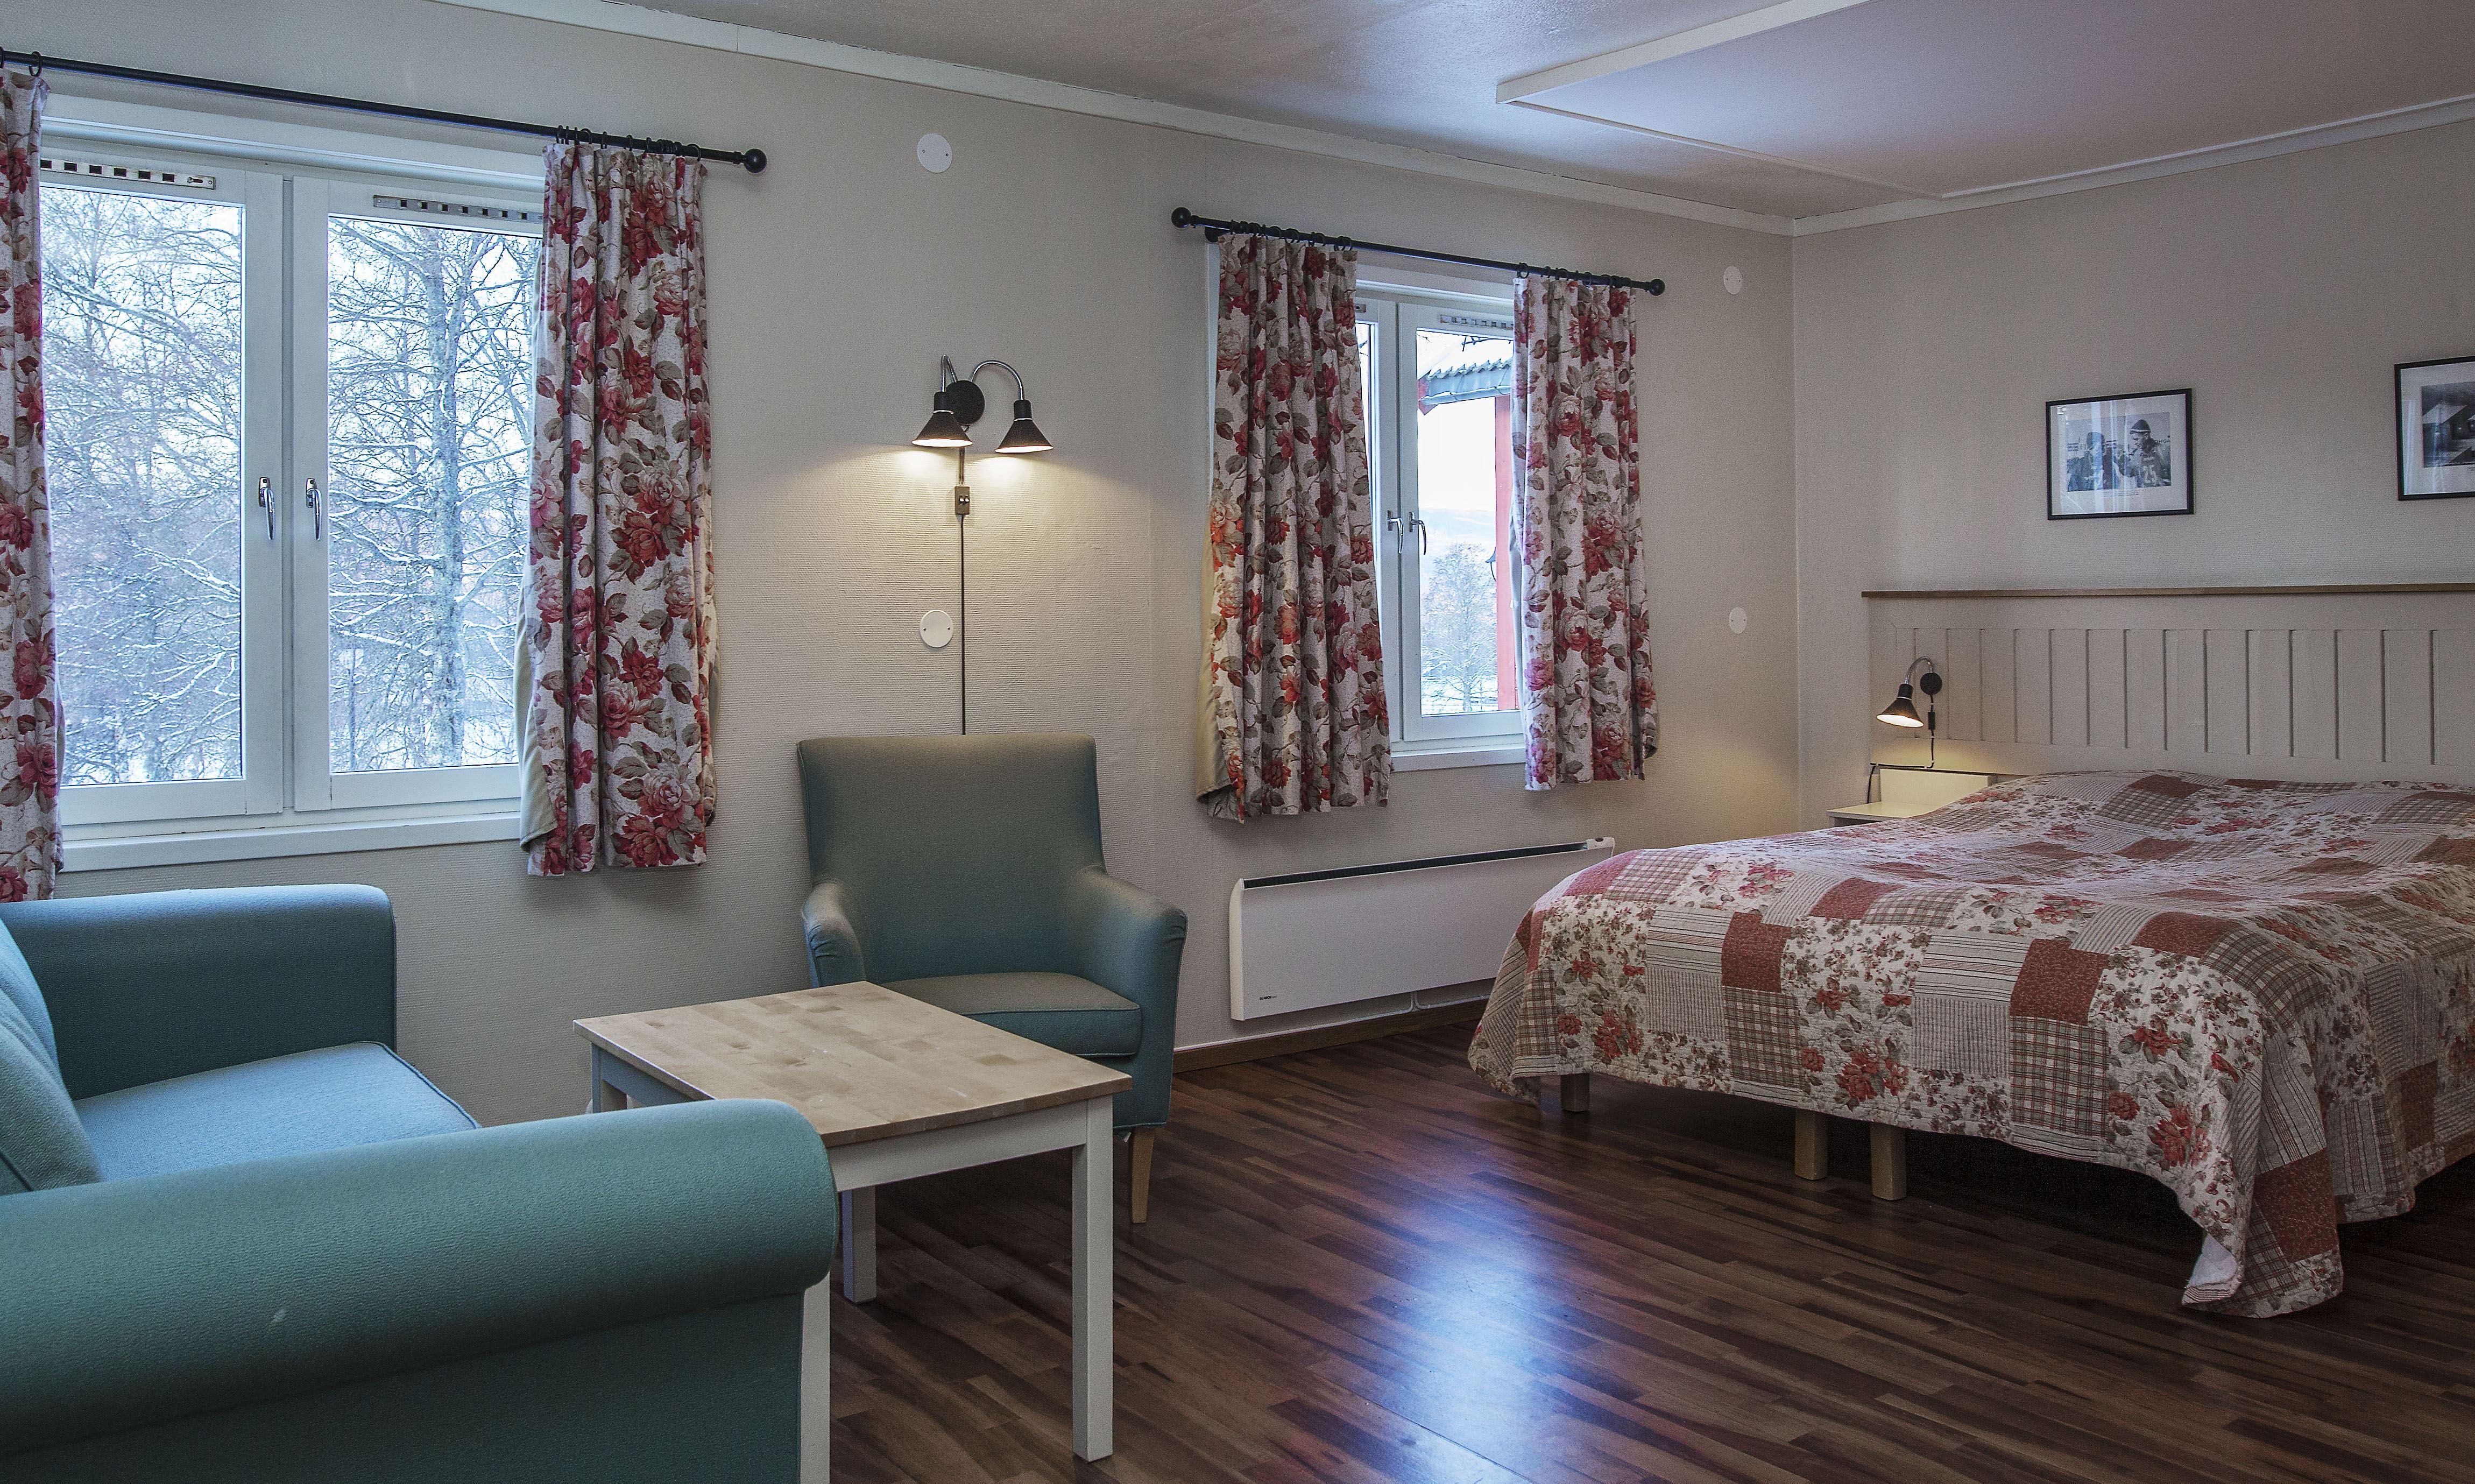 Birkebeineren Hotel